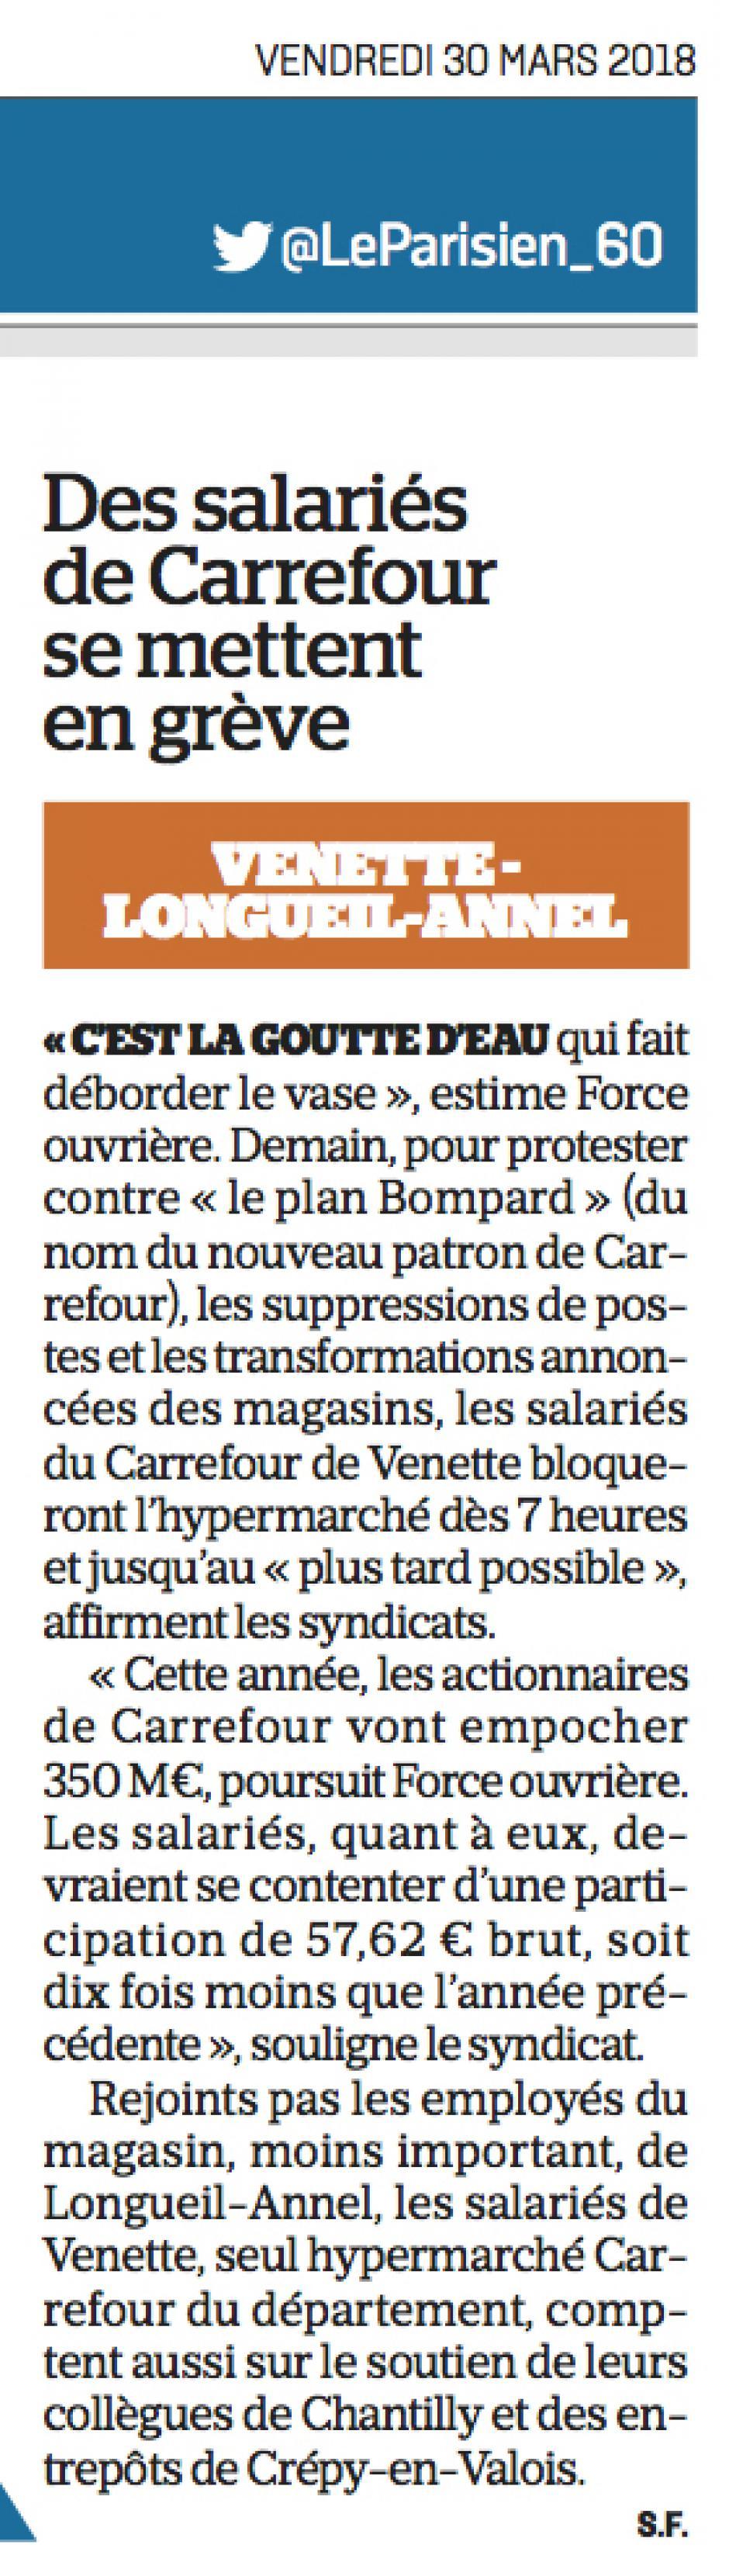 20180330-LeP-Venette-Des salariés de Carrefour se mettent en grève